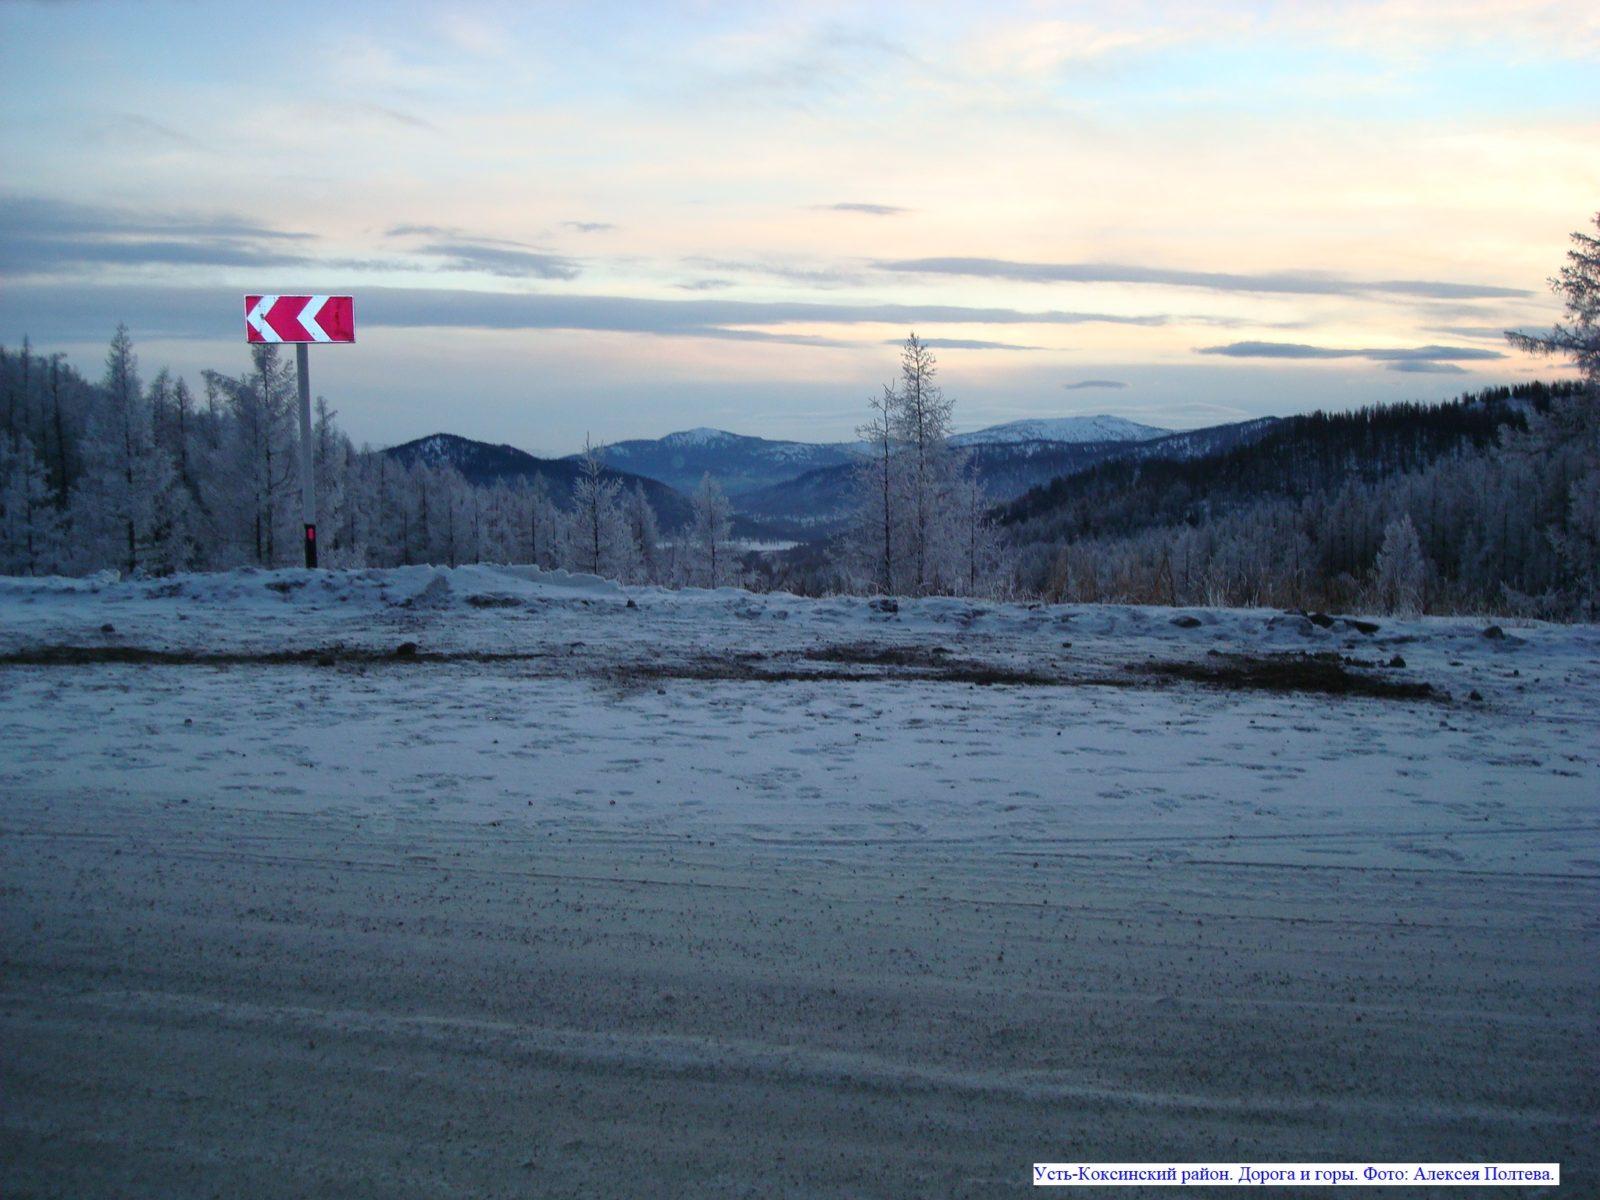 Усть-Коксинский район. Дорога и горы.